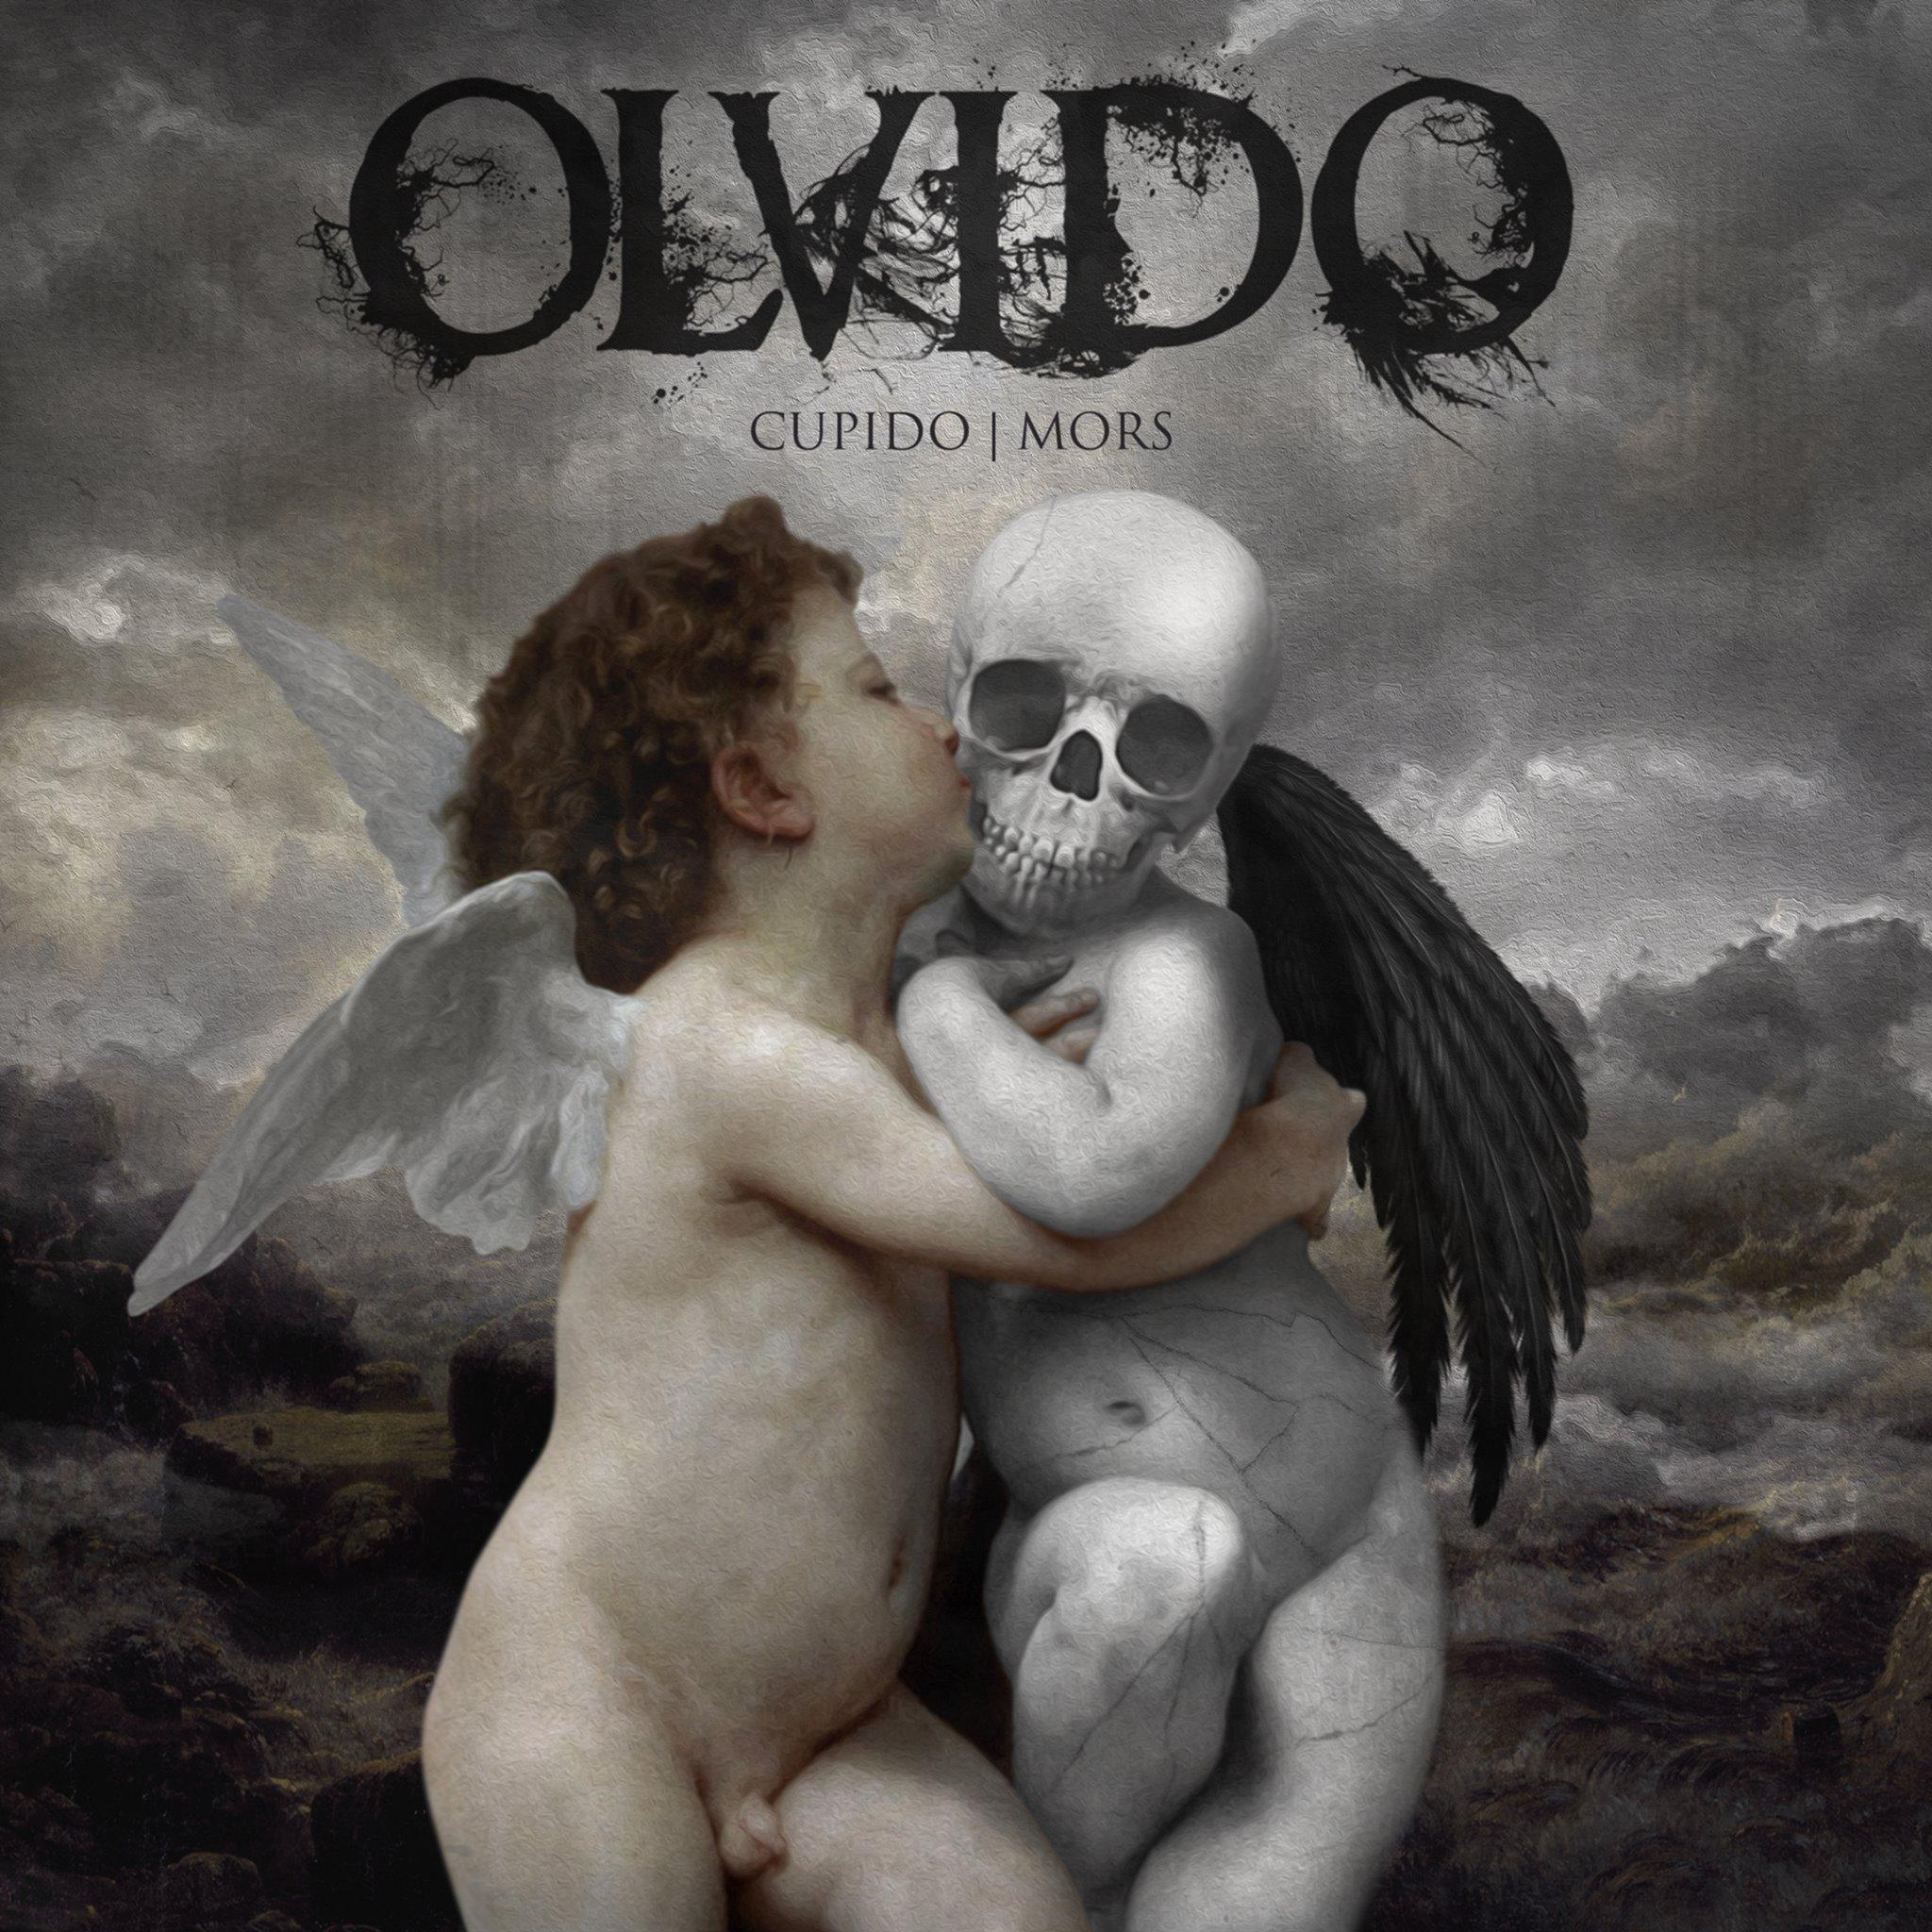 Olvido - Cupido | Mors - Album Cover